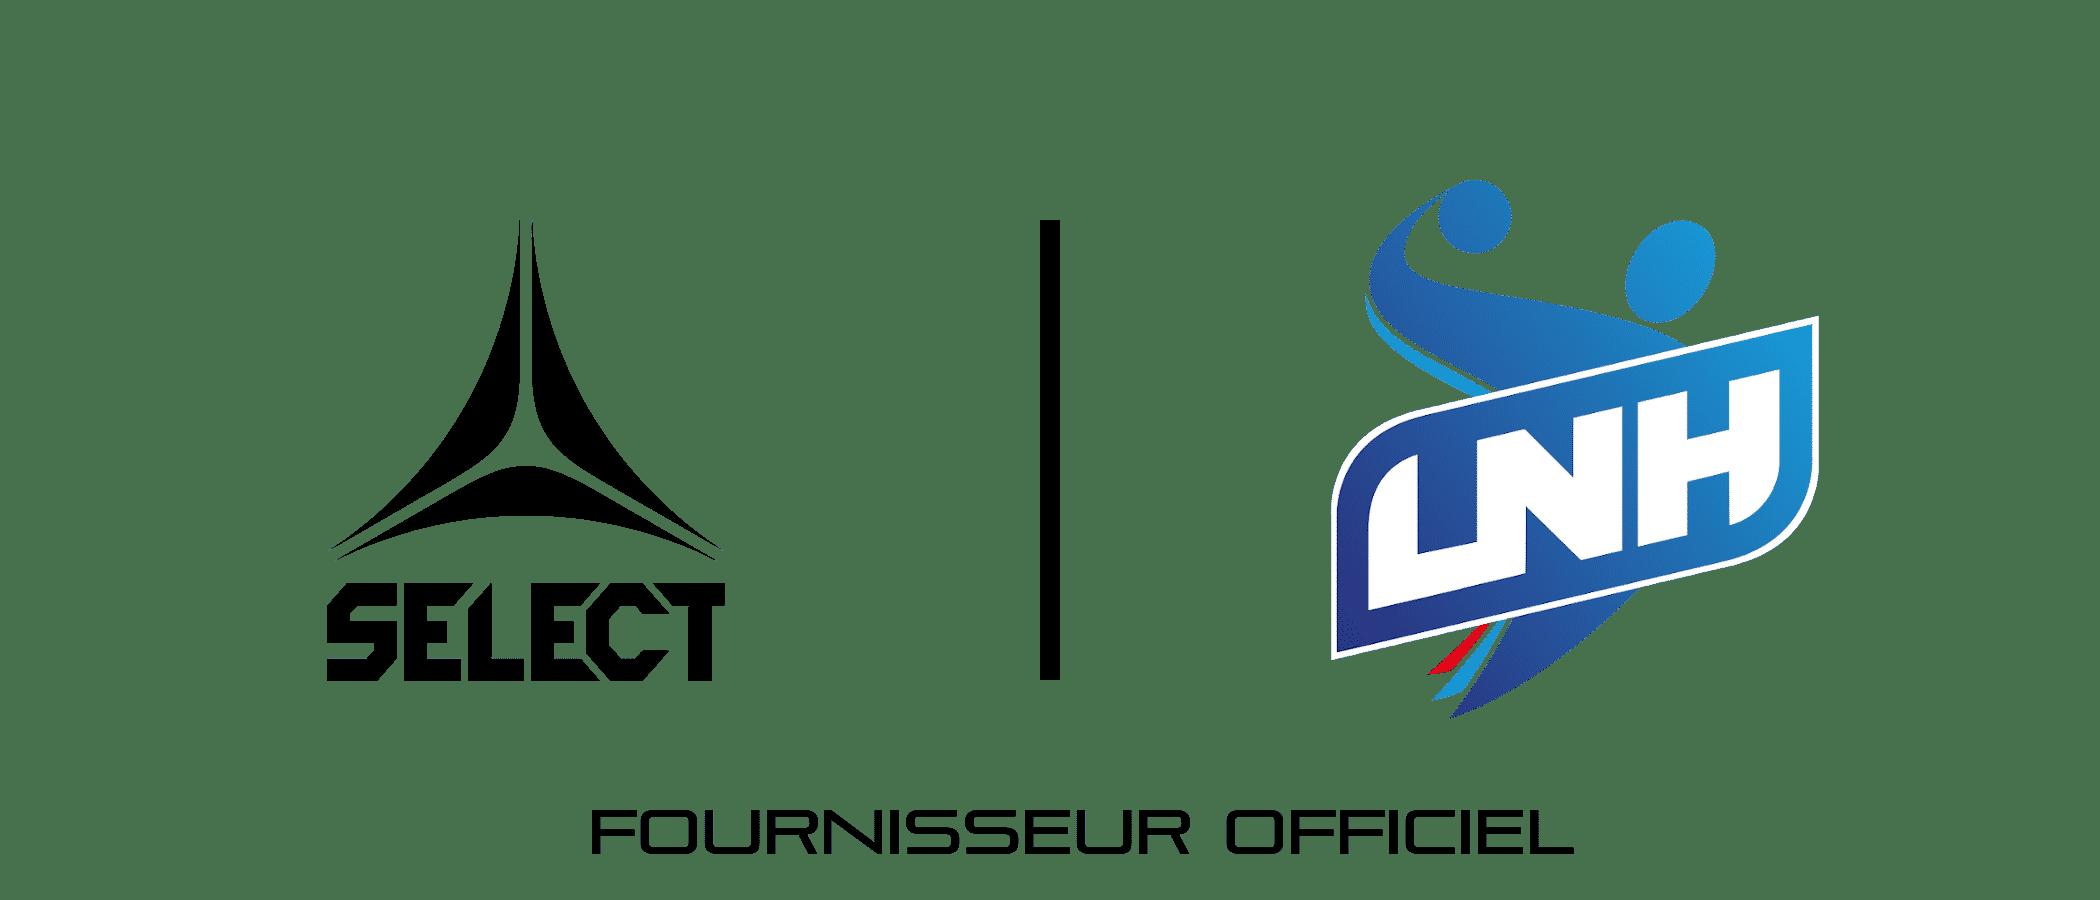 select-presente-le-nouveau-ballon-officiel-de-la-lnh-pour-la-saison-2020-2021-4